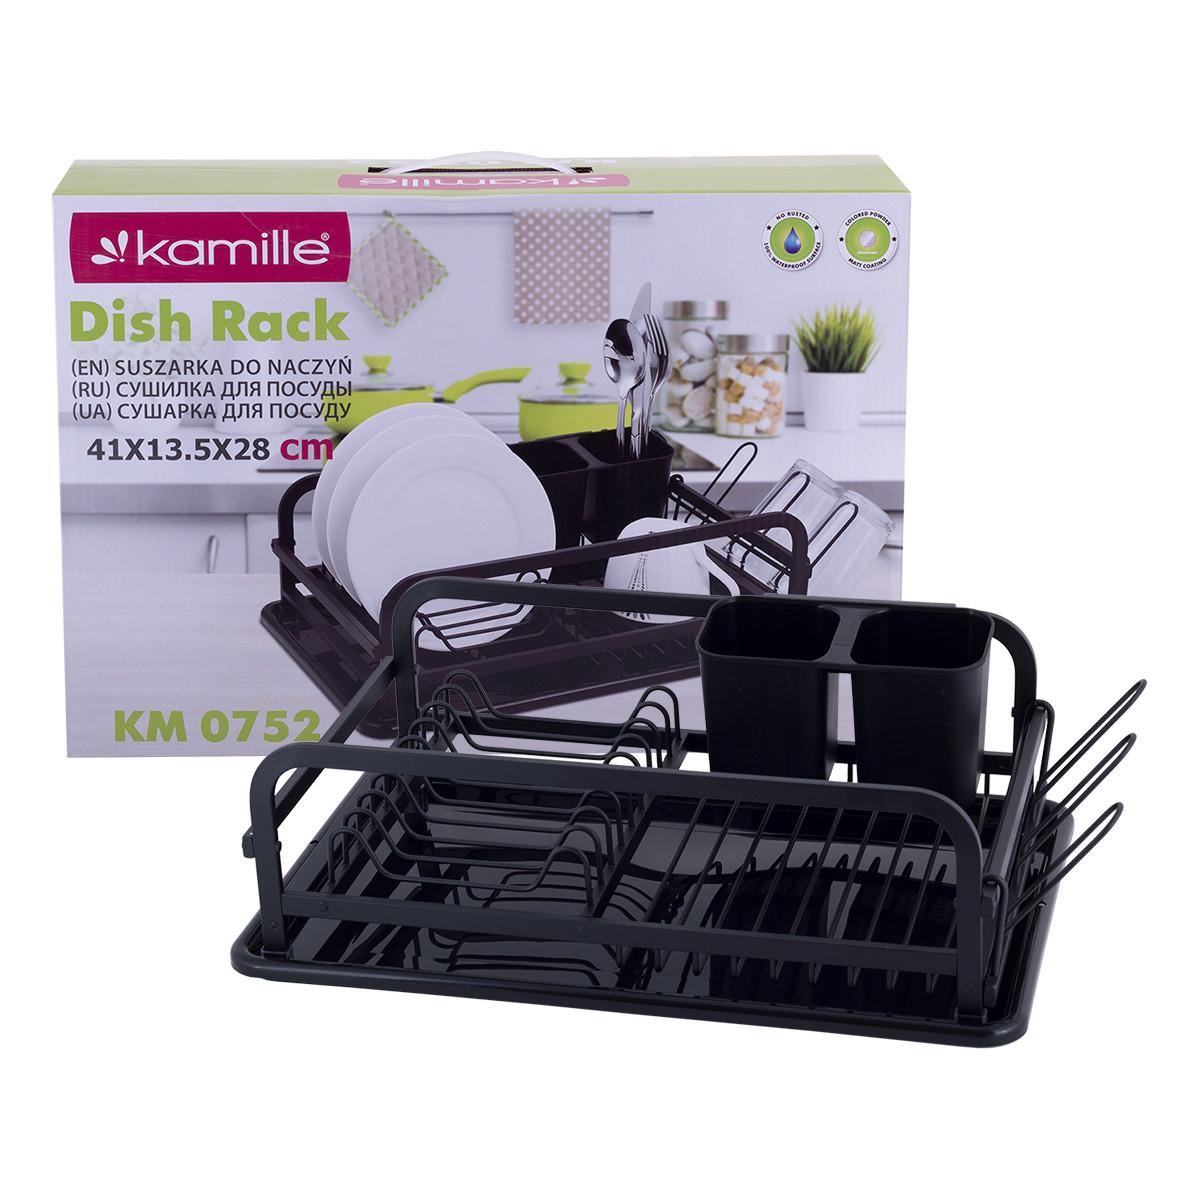 Сушилка для посуды Kamille Размеры: 41*28*13,5см. см из алюминия с поддоном KM-0752